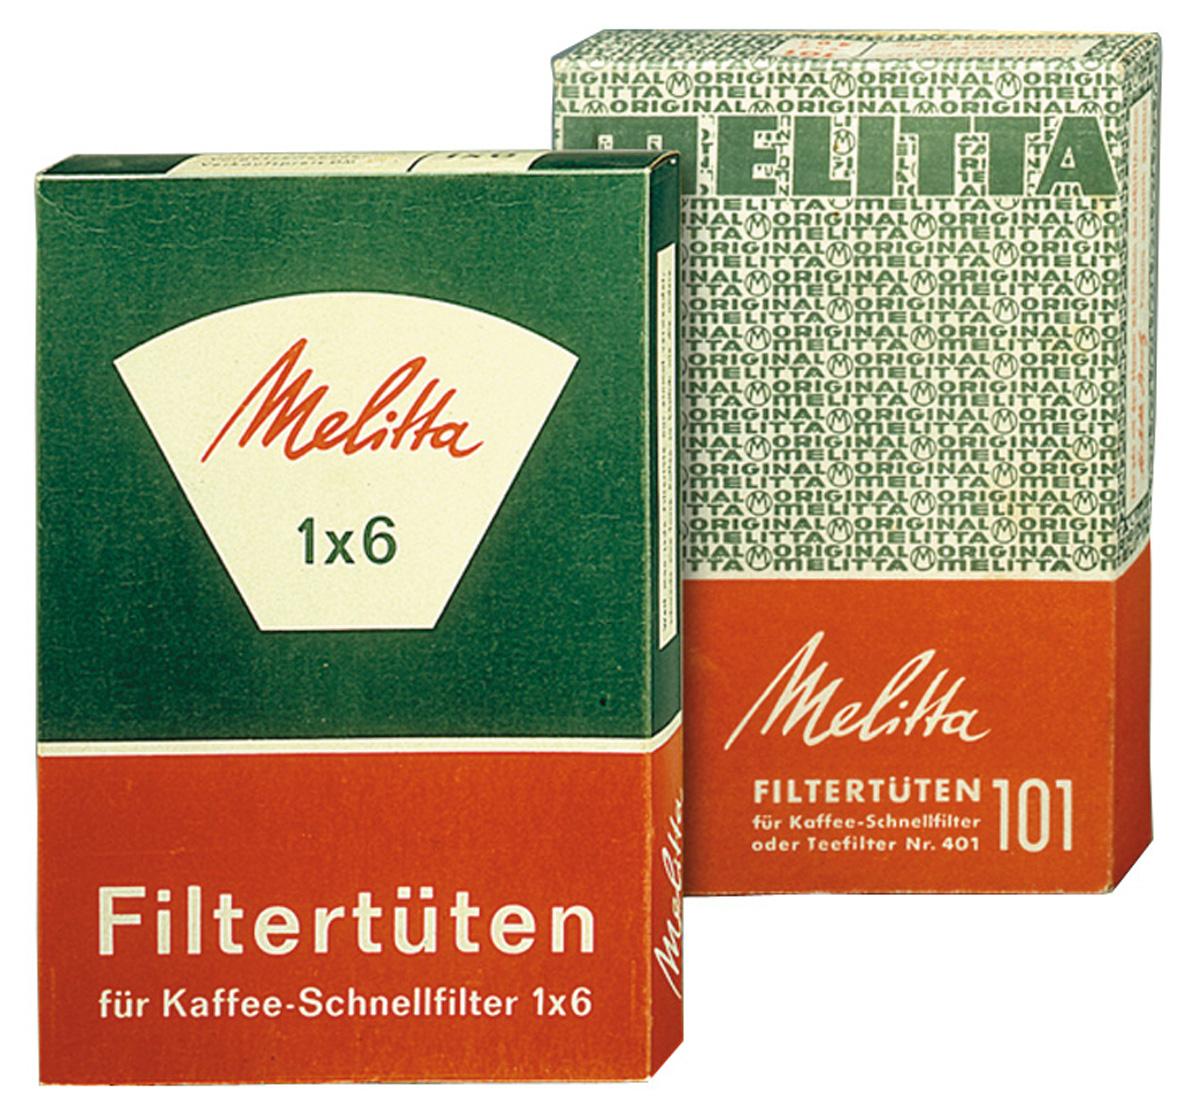 Melitta Filtertueten Pack historisch.jpg